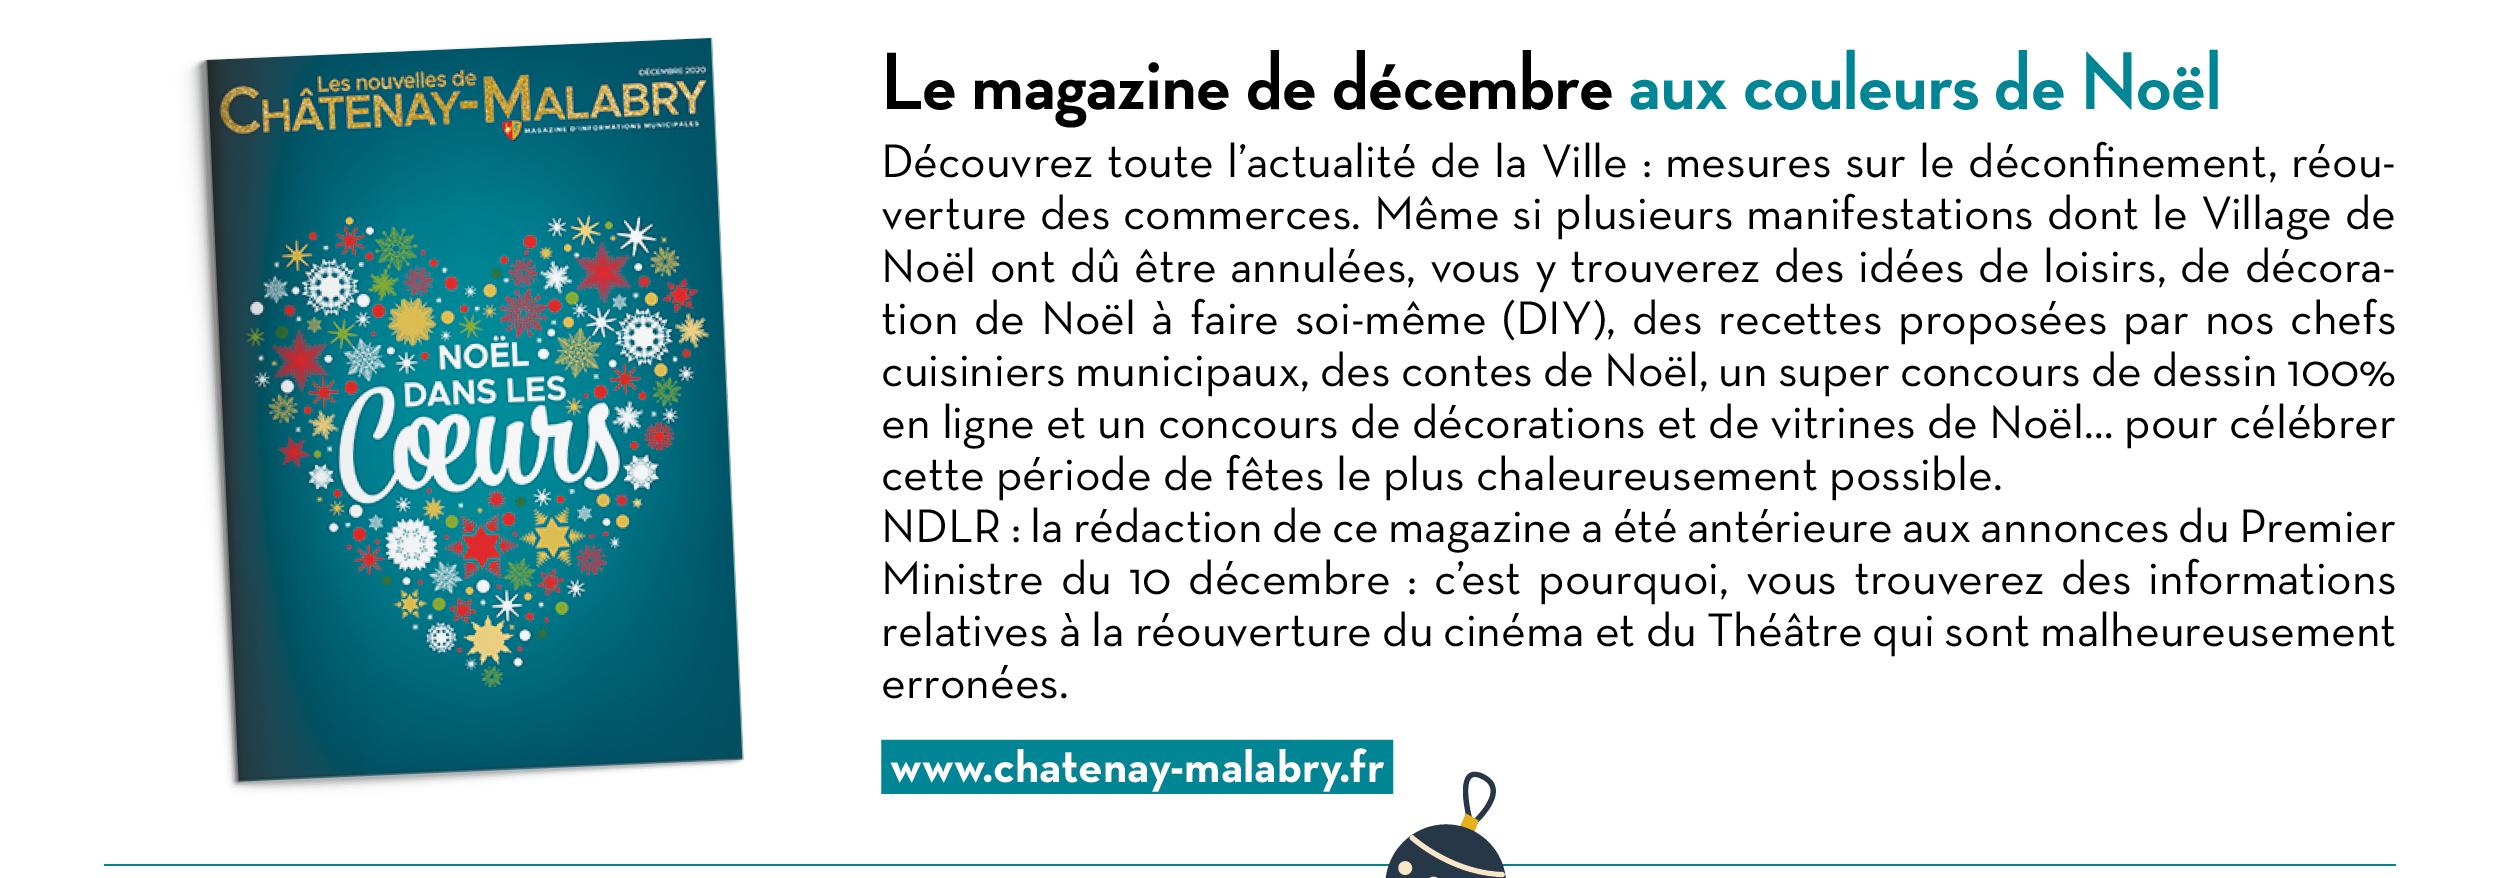 Le magazine de décembre aux couleurs de Noël